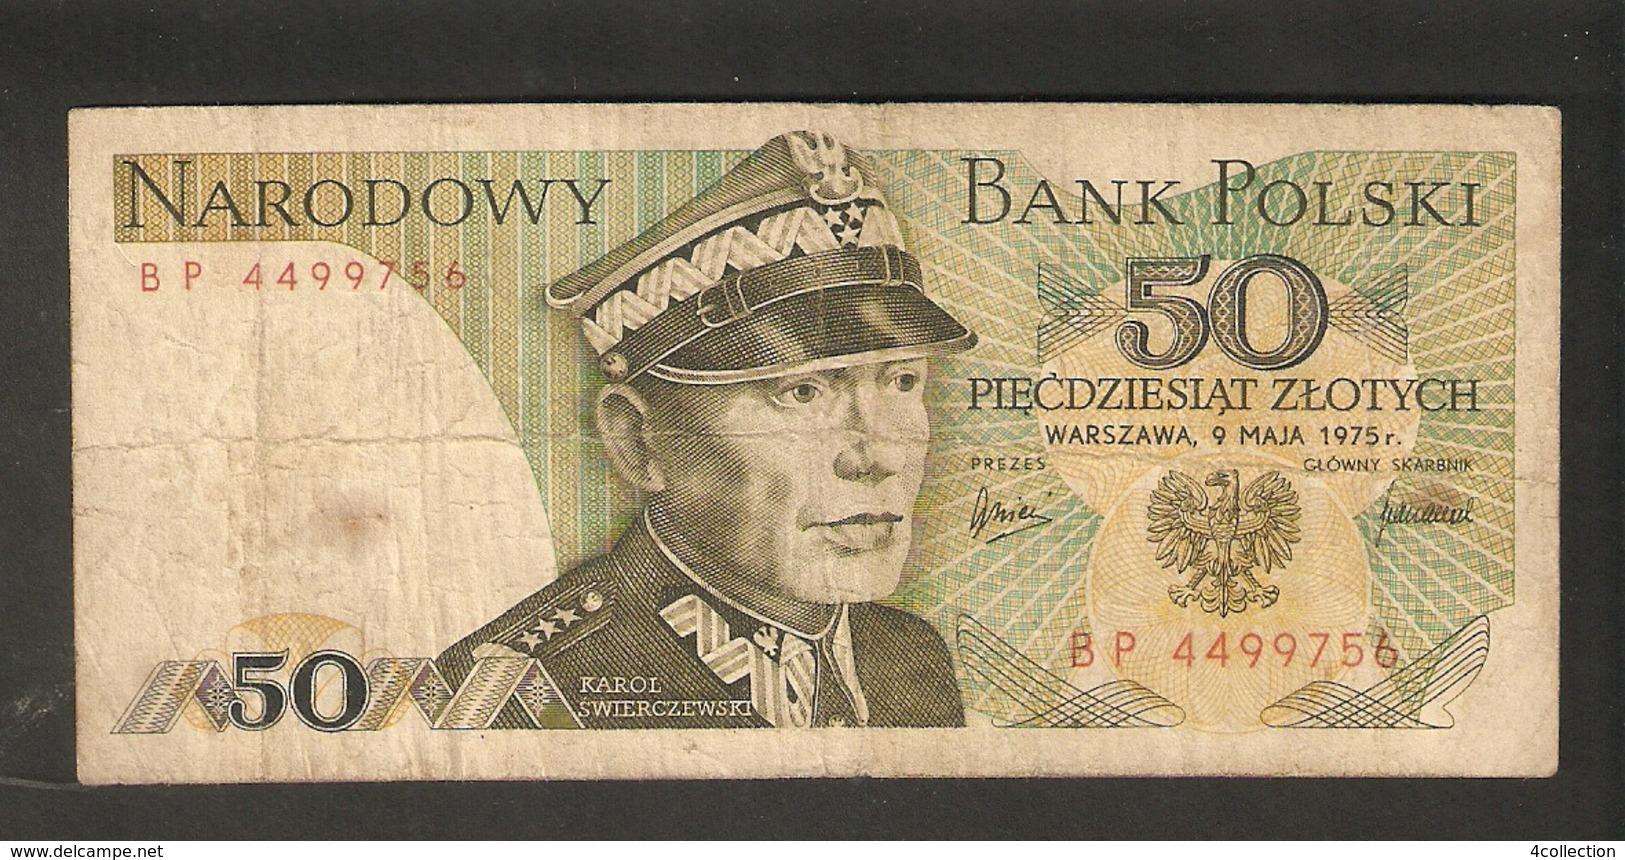 T.  Poland Narodowy Bank Polski 50 Zlotych 1975 BP 4499756 Karol Swierczewski - Poland